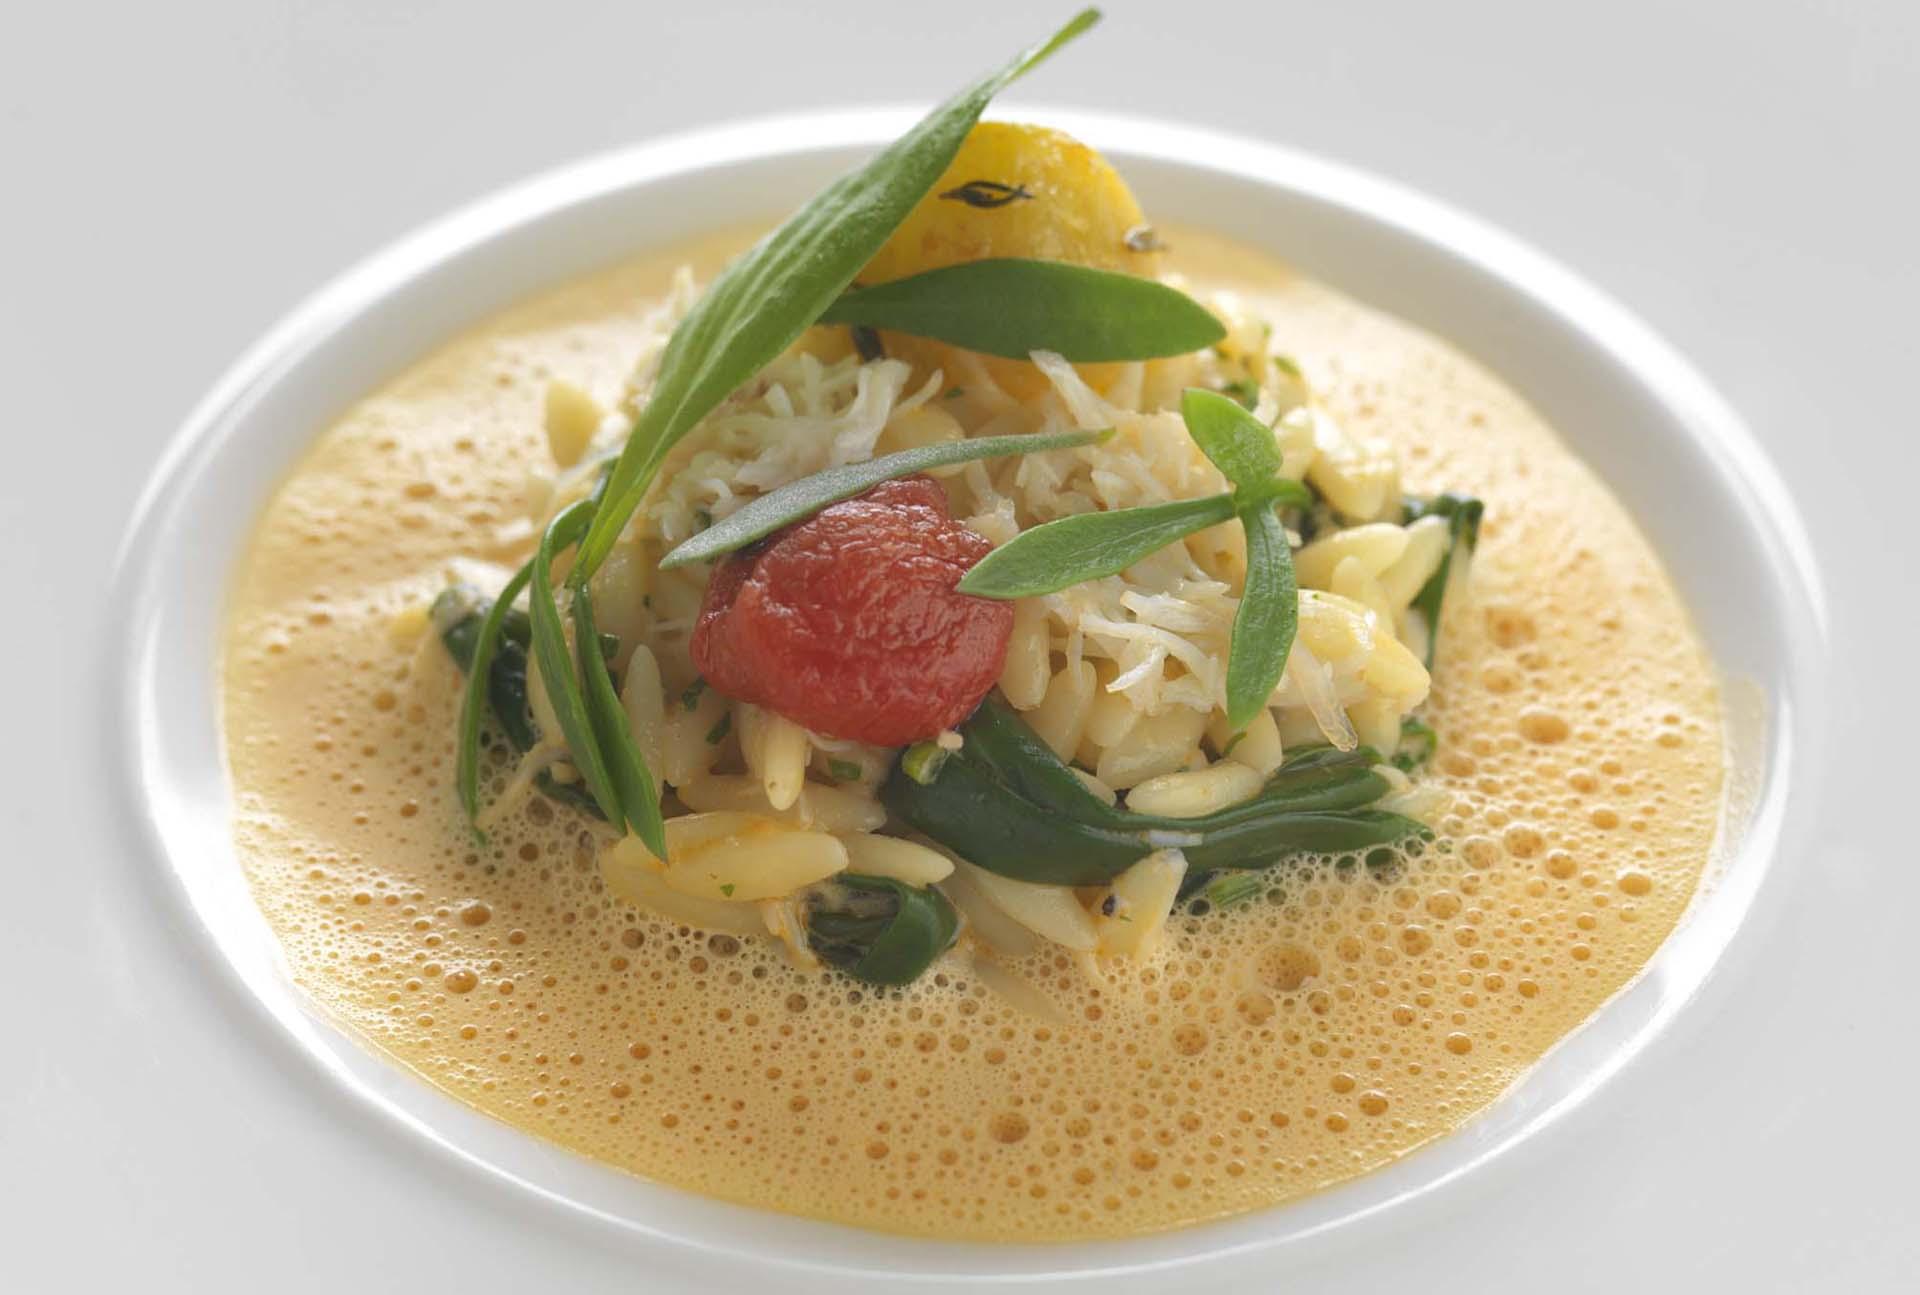 Pâtes orzo au crabe, sauce au crabe, confit de tomates et légumes de la mer